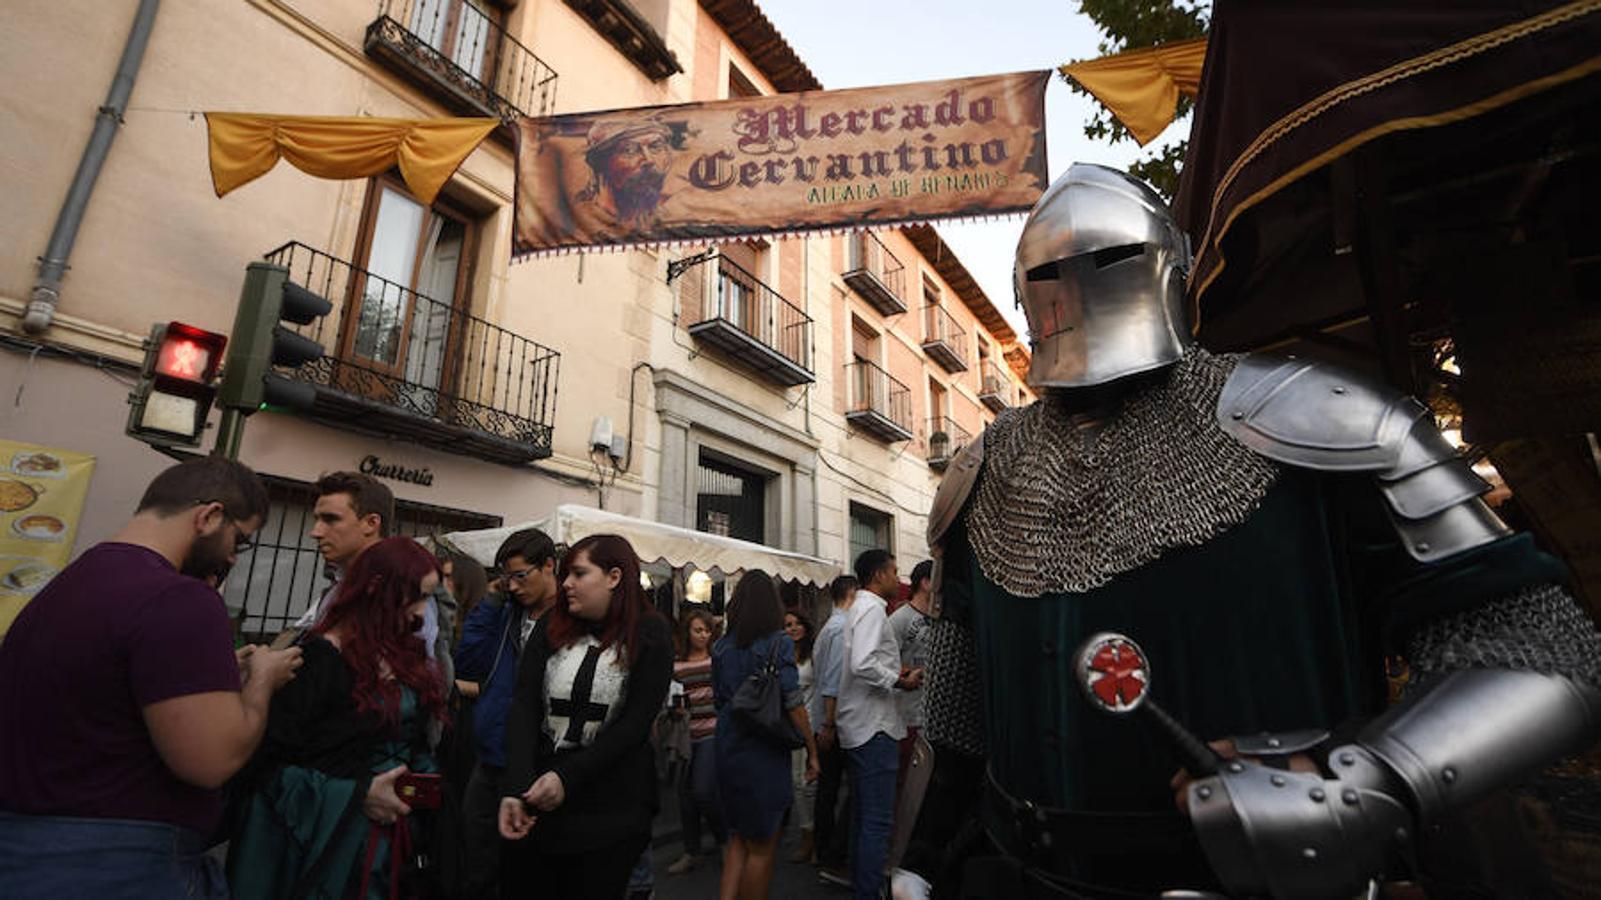 Las mejores imágenes del Mercado Cervantino de Alcalá